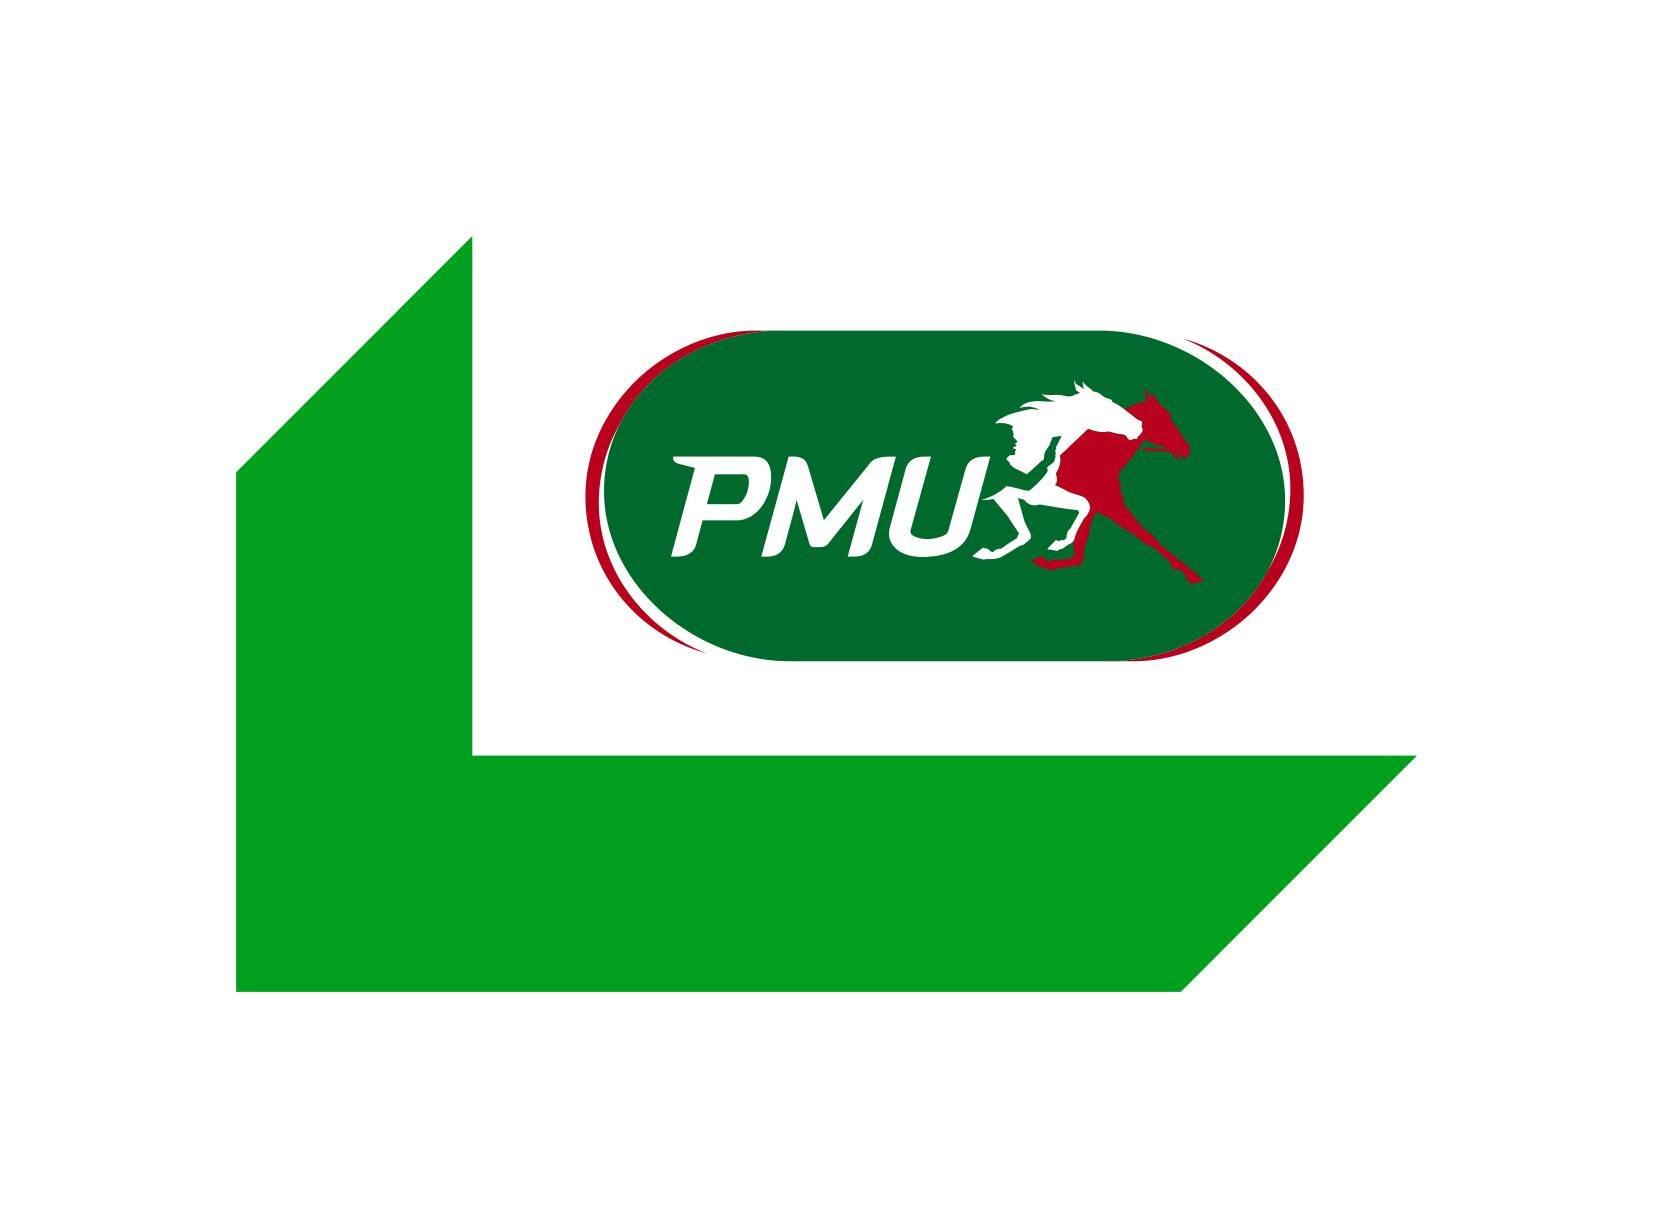 PMU-Course par course à Donchery, proche de Sedan et de Charleville-Mézières